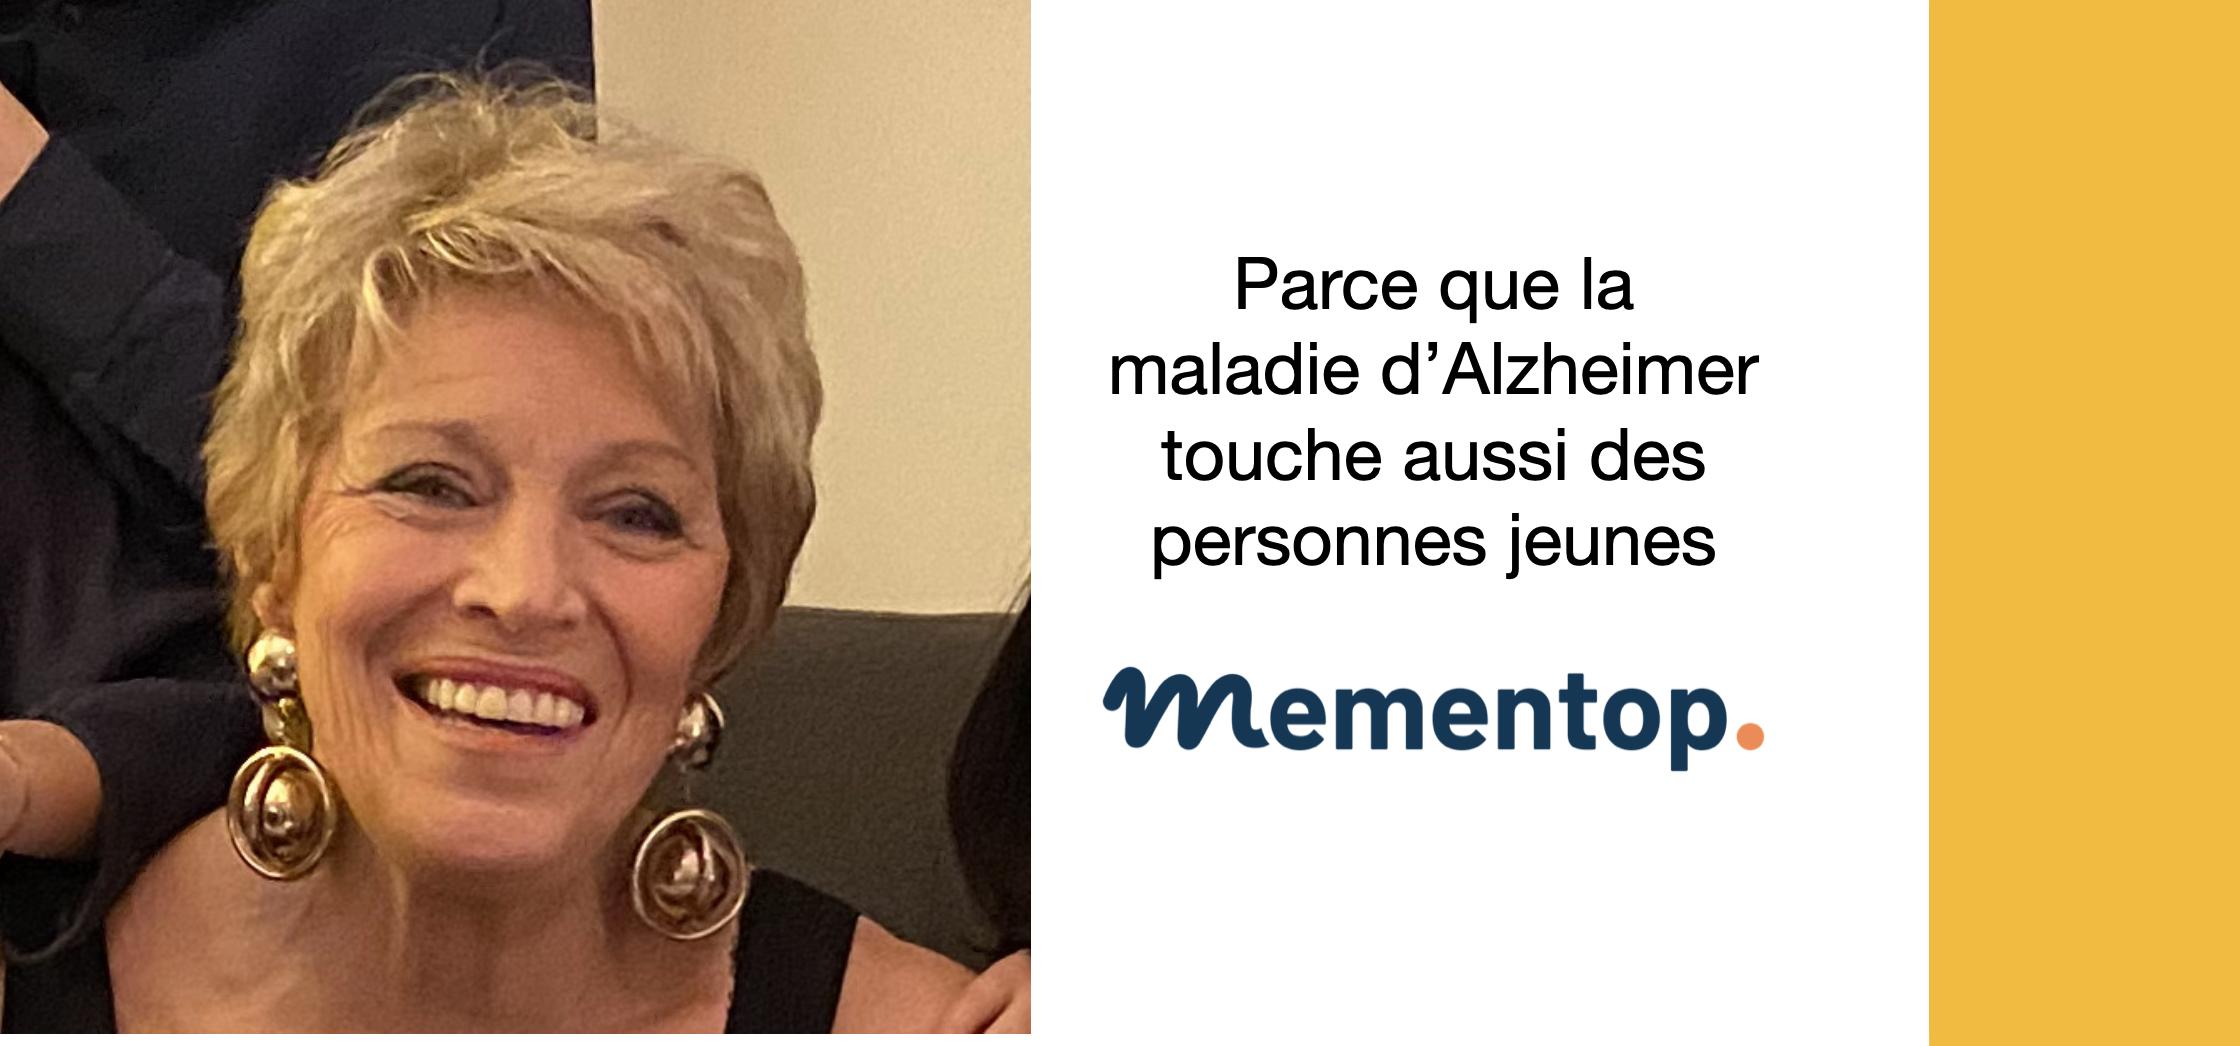 Un dispositif pour les malades d'Alzheimer encore jeunes